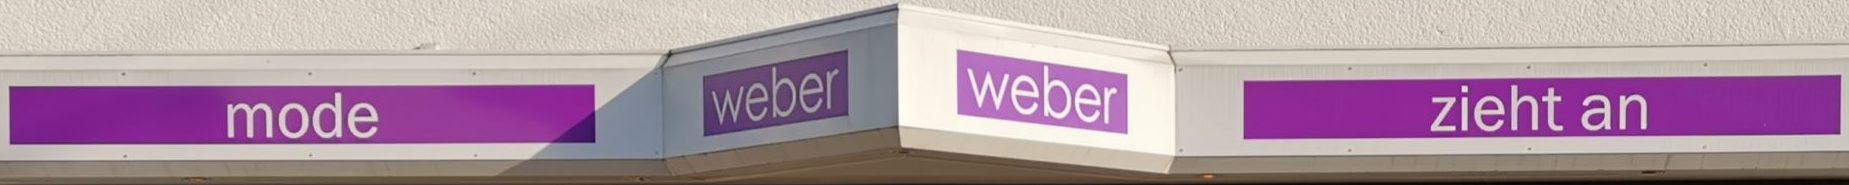 Mode Weber Geschäft header